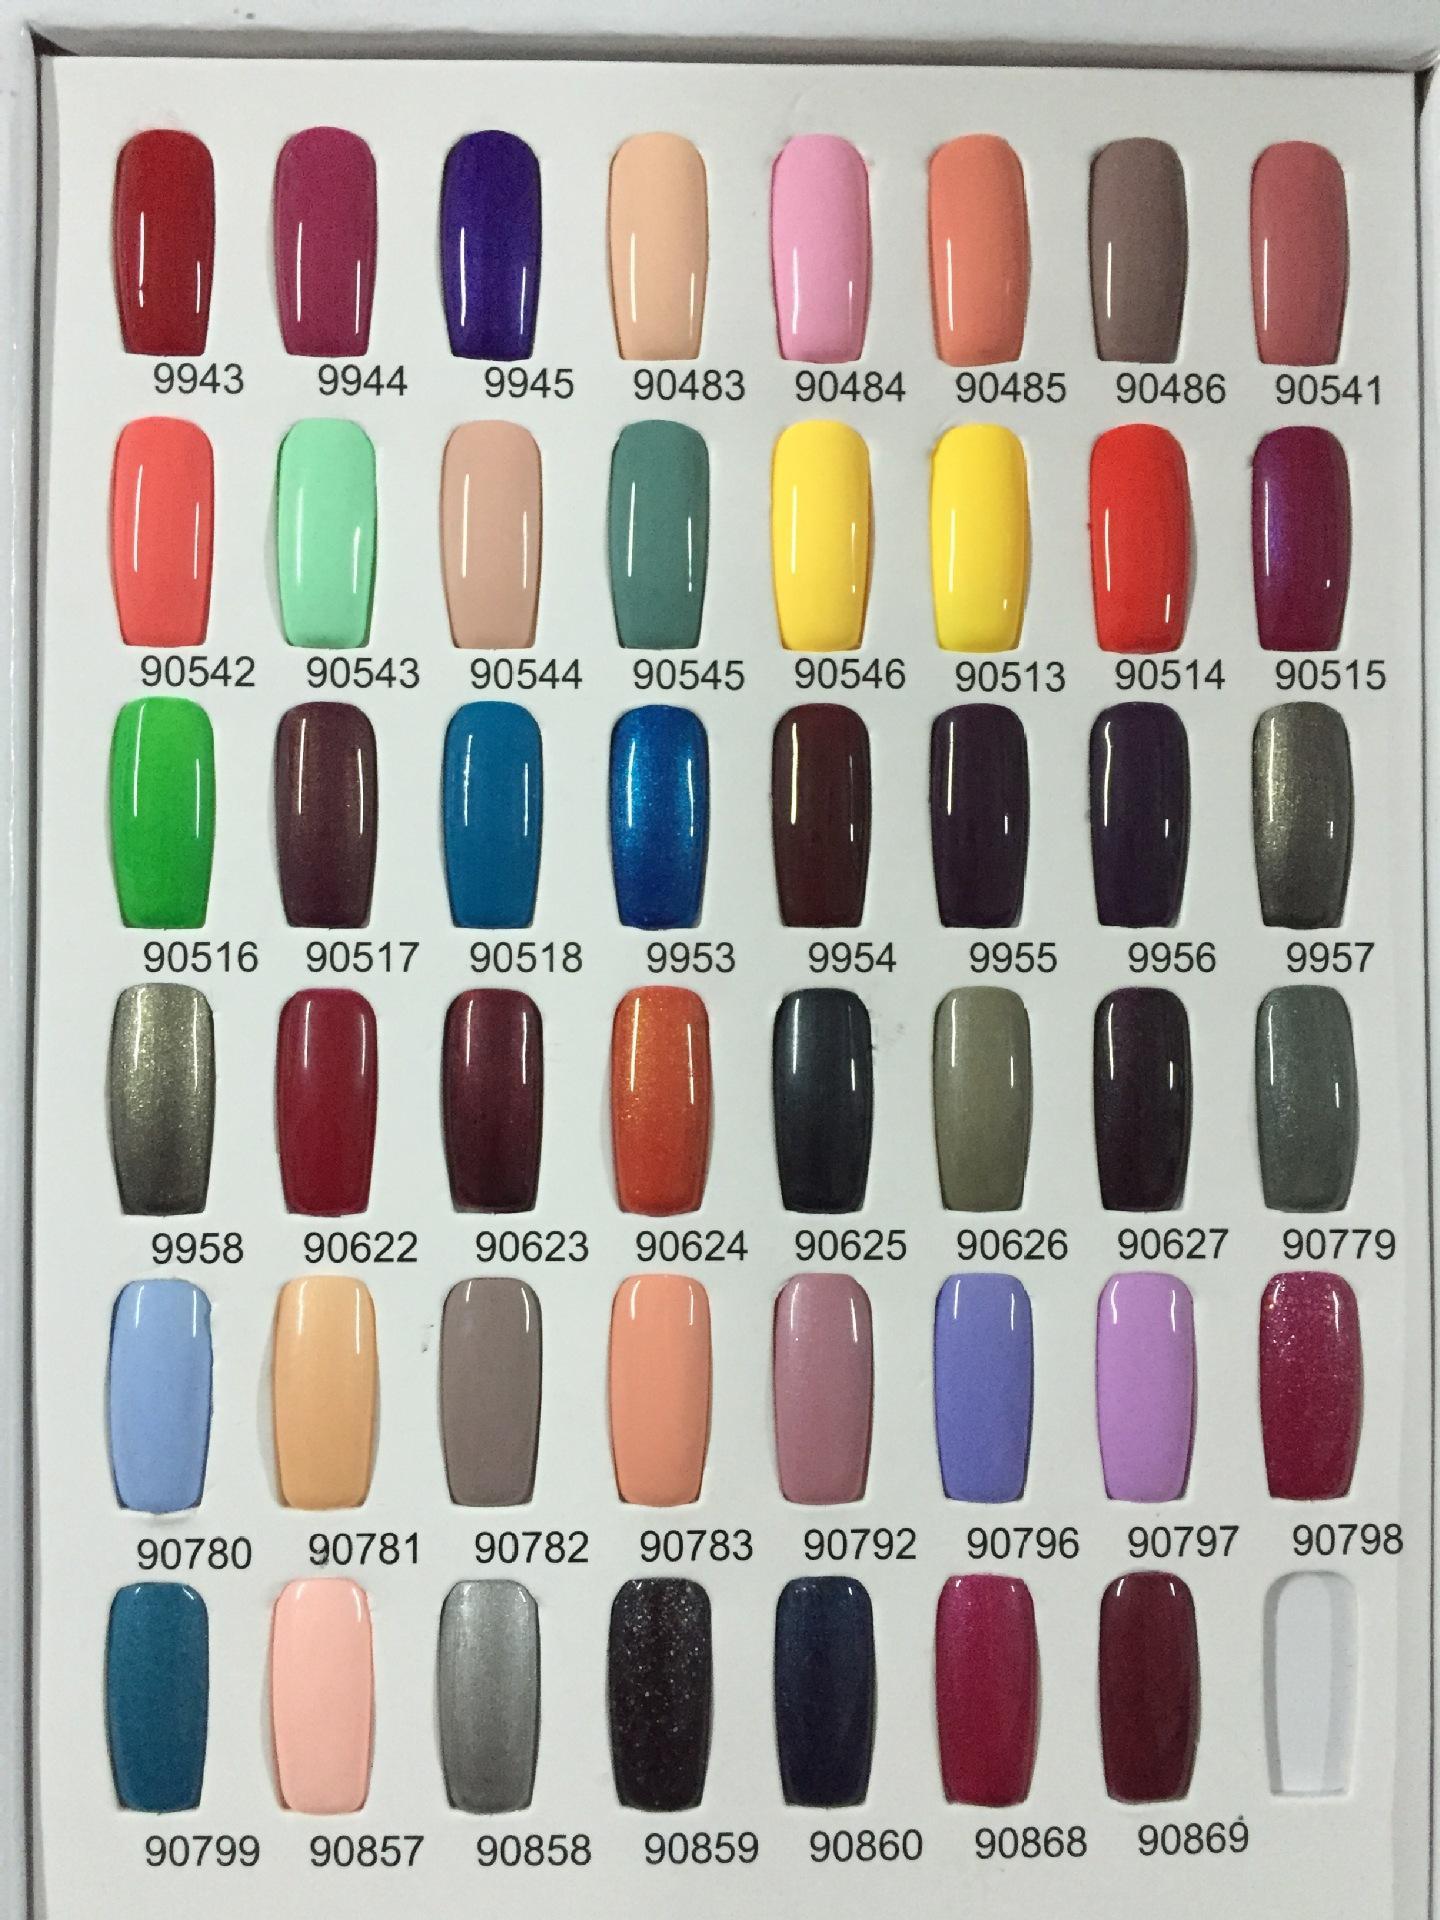 высокое качество оптовое с розы завод клей для ногтей Ting 134 цвет лака для ногтей клей импортированные бренды маникюра